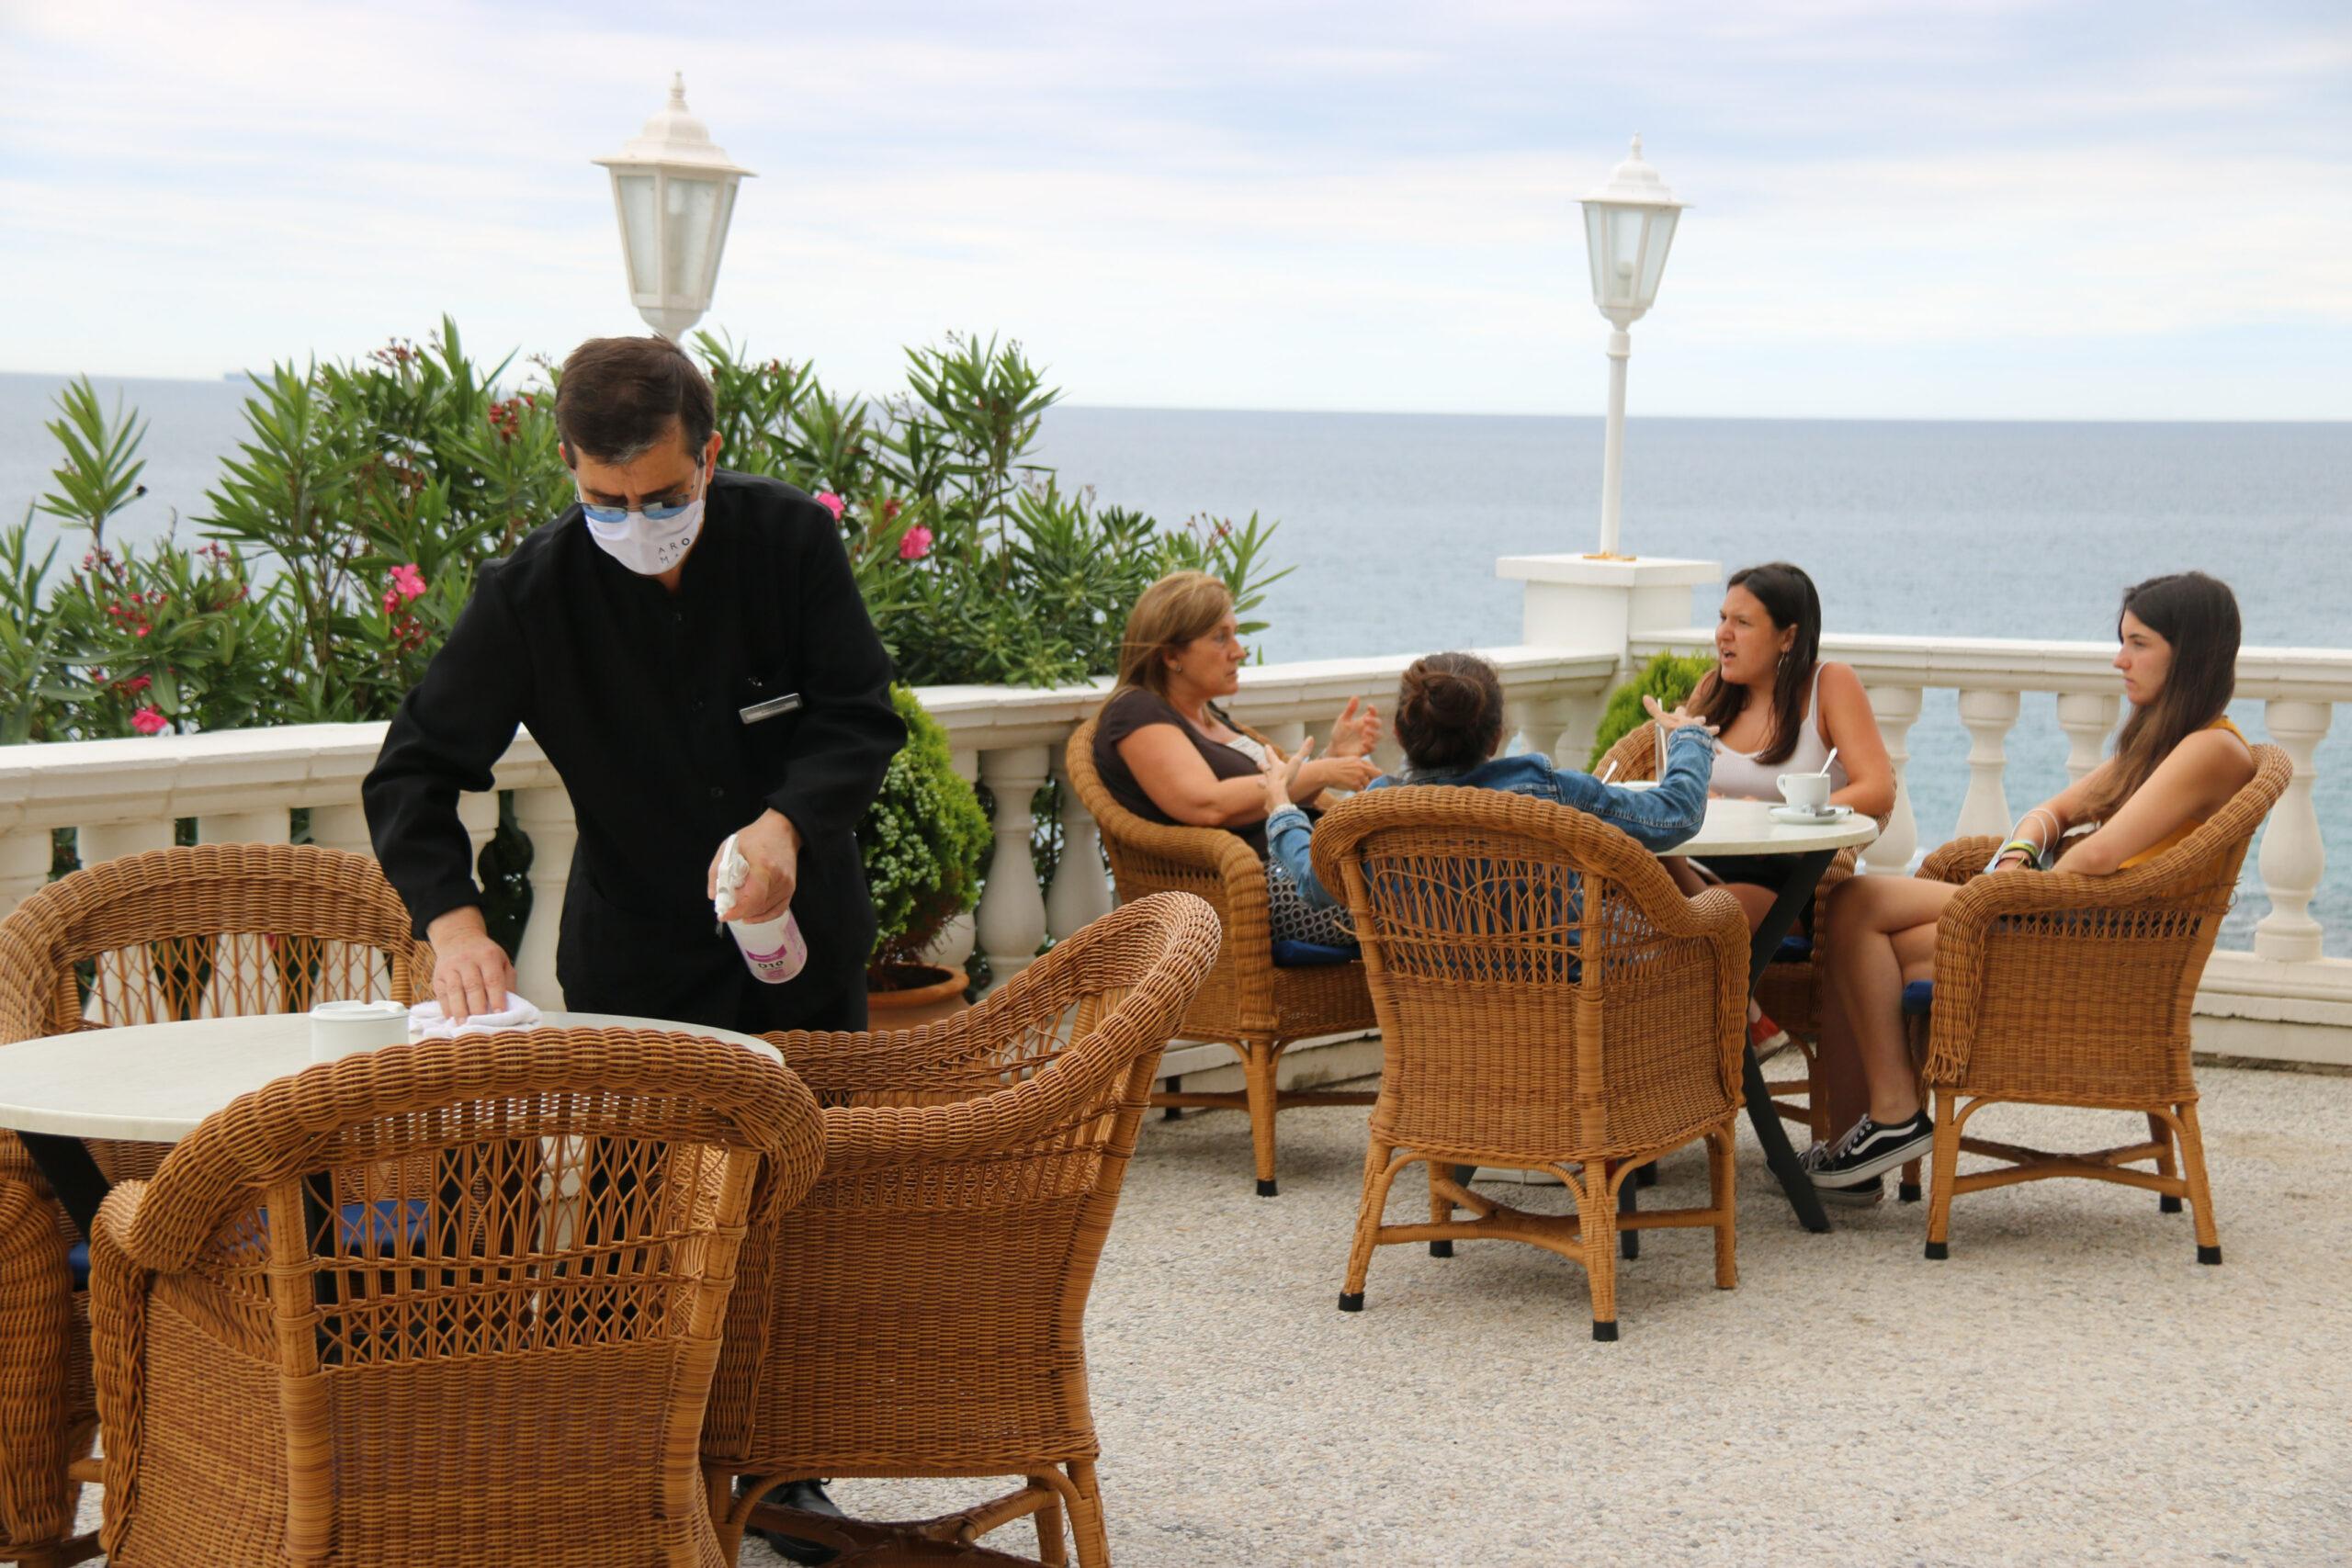 Un cambrer desinfectant les cadires de la terrassa de l'Hotel Costa Brava amb unes dones prenent un cafè al darrera | ACN